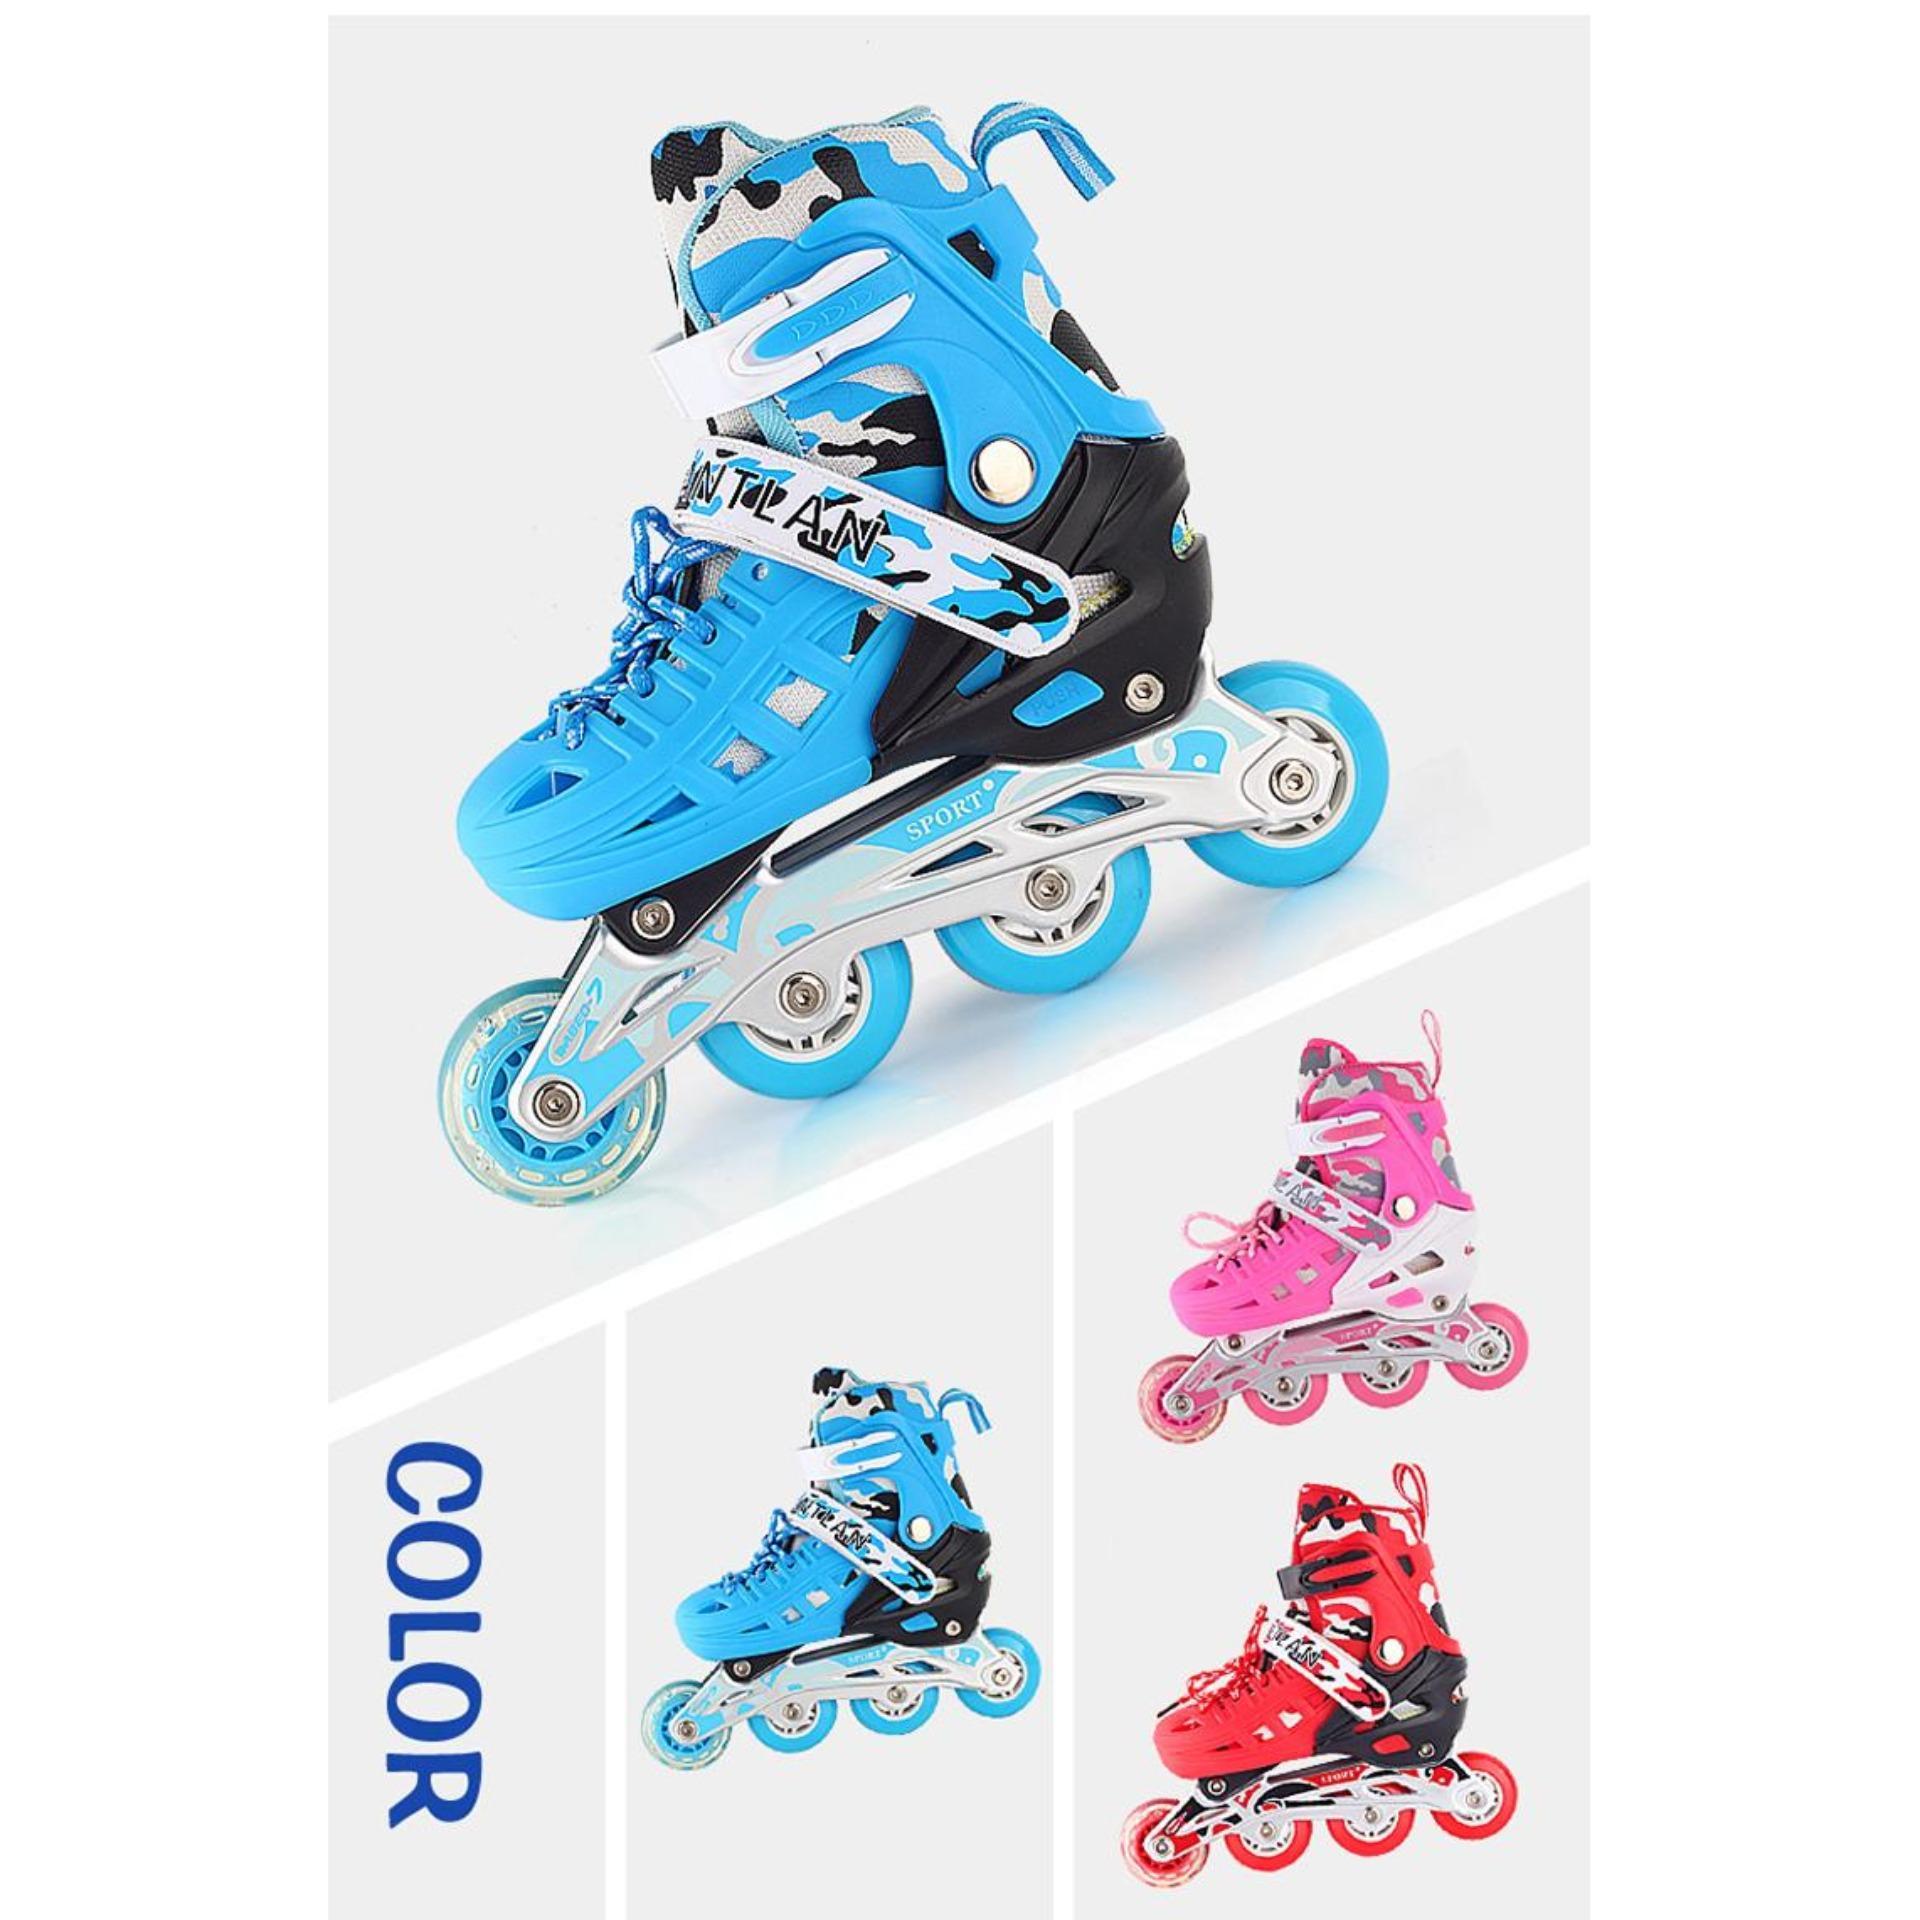 Mua giầy trươt patin,mua trượt patin - Giày Patin Trẻ Em, Chắc Chắn, Ôm Sát Chân Chân,  Giúp Bé Vui Chơi Thỏa Thích Mà Lại An Toàn, Sản Phẩm Cao Cấp -Tặng Kèm Bộ Bảo Hộ Đáng Yêu  - Mẫu Mới 2025